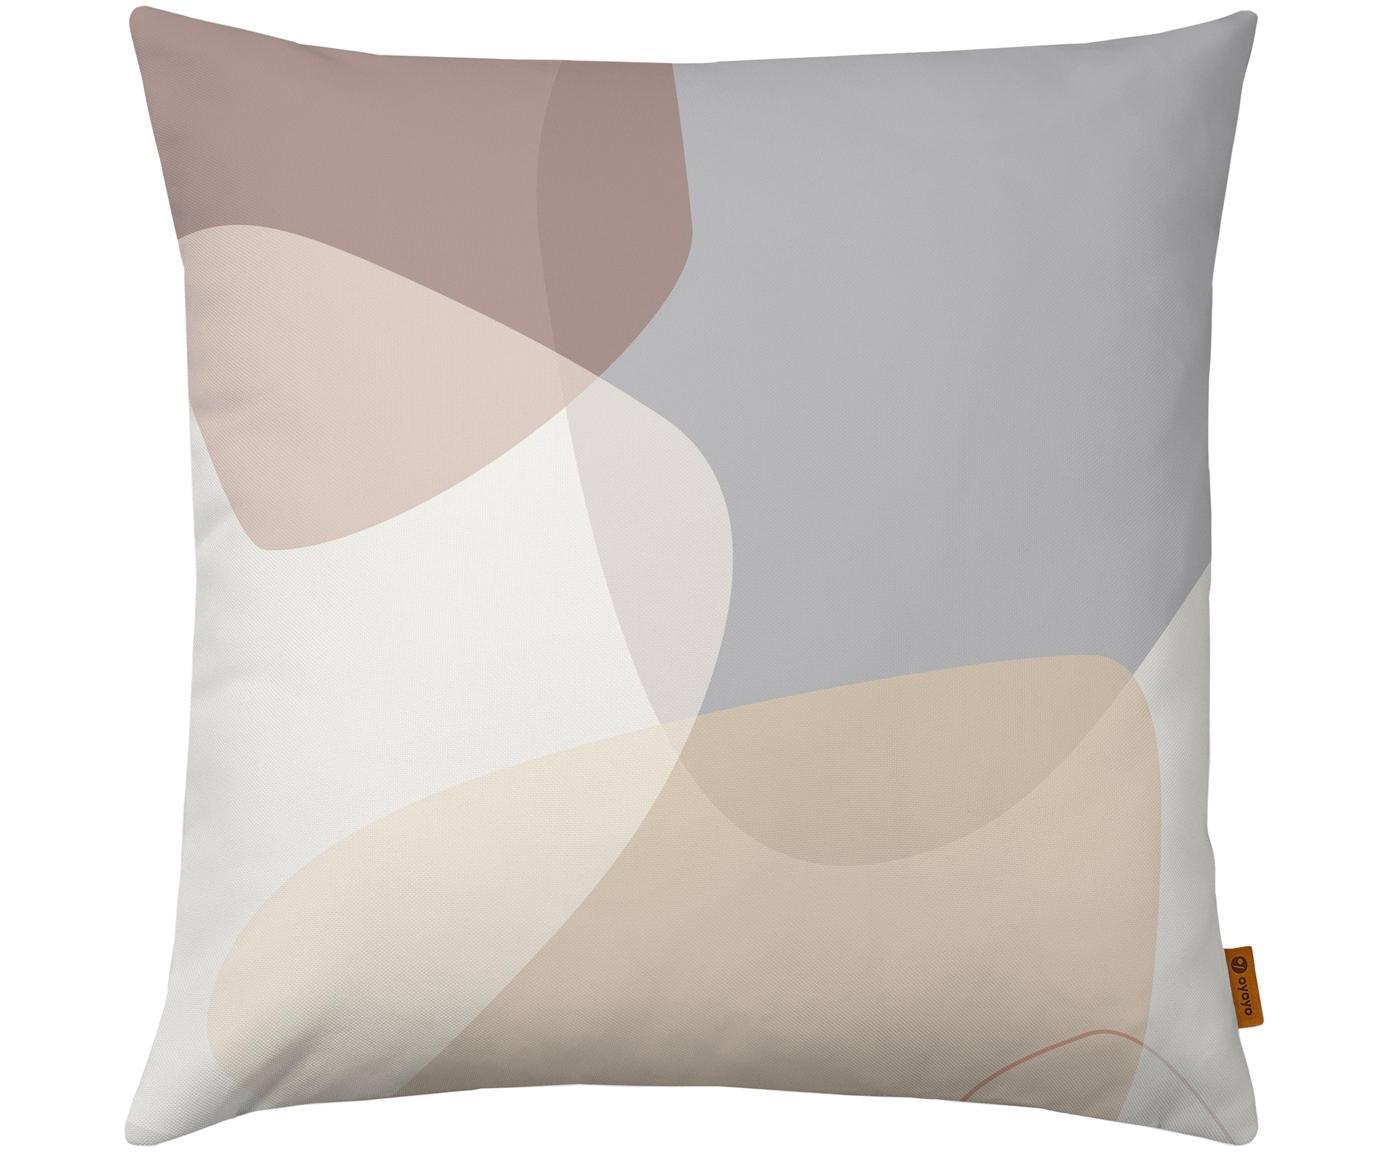 Kussenhoes Graphic met geometrisch Print, Polyester, Beige, grijs, crèmekleurig, oudroze, 40 x 40 cm